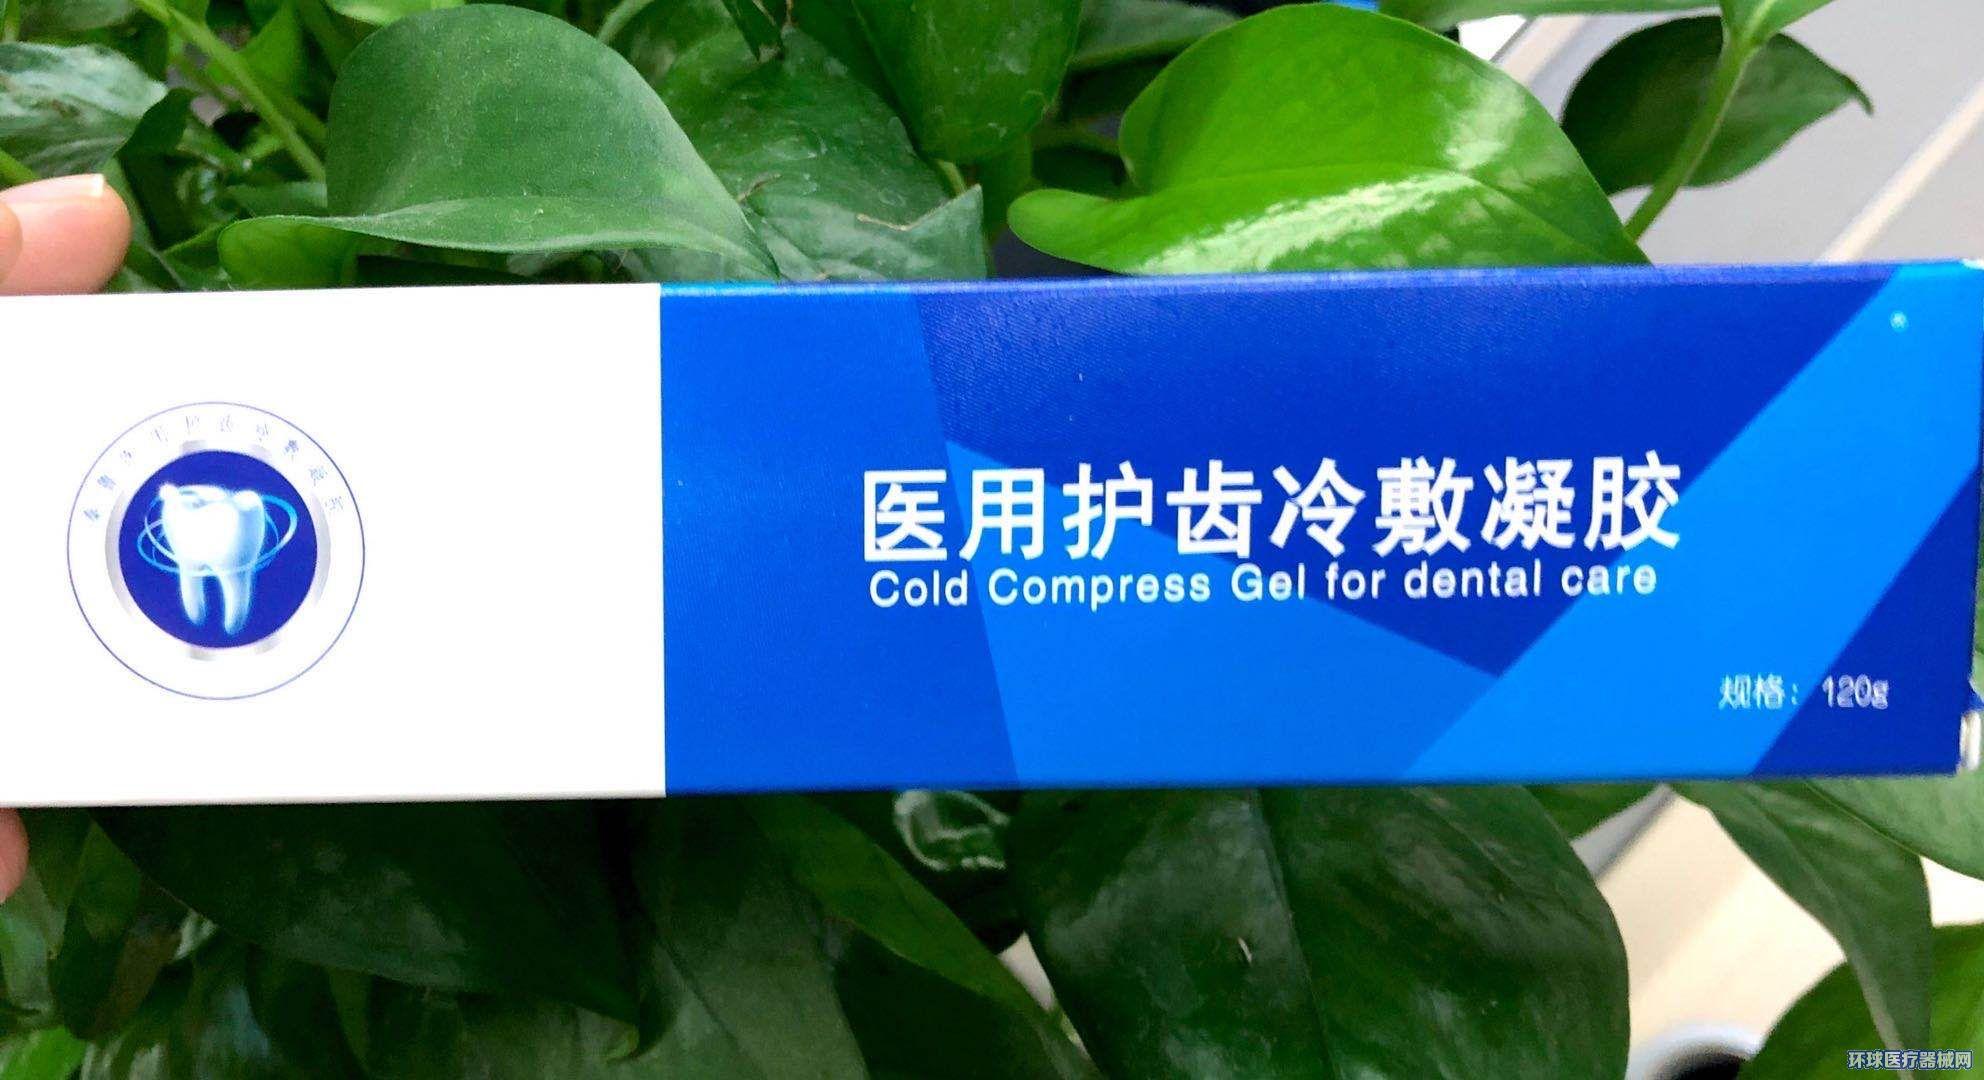 医用护齿冷敷凝胶/护齿凝胶/医用牙膏/